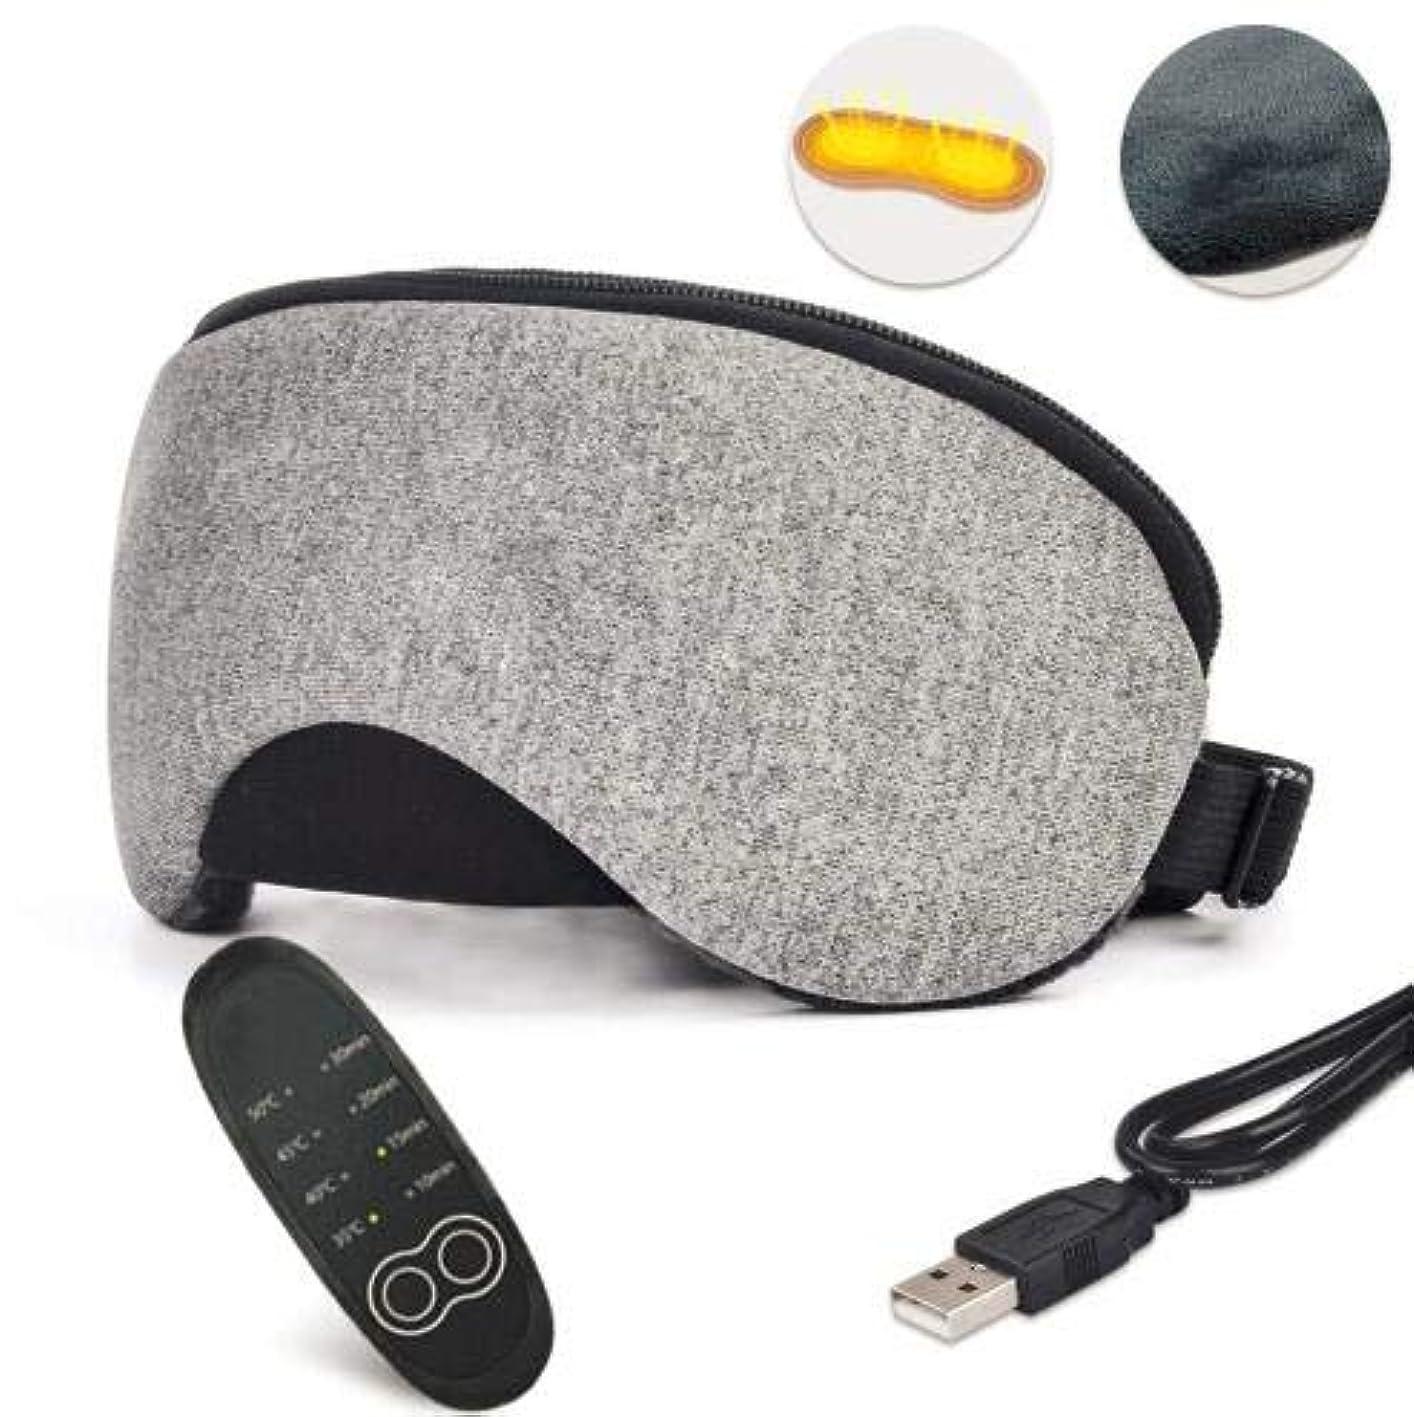 発症メディアゲームNOTE Usbortable 3dスリープアイマスクカバー援助睡眠目隠しusb加熱綿表面アイマスク用睡眠SPAソフト調整可能包帯